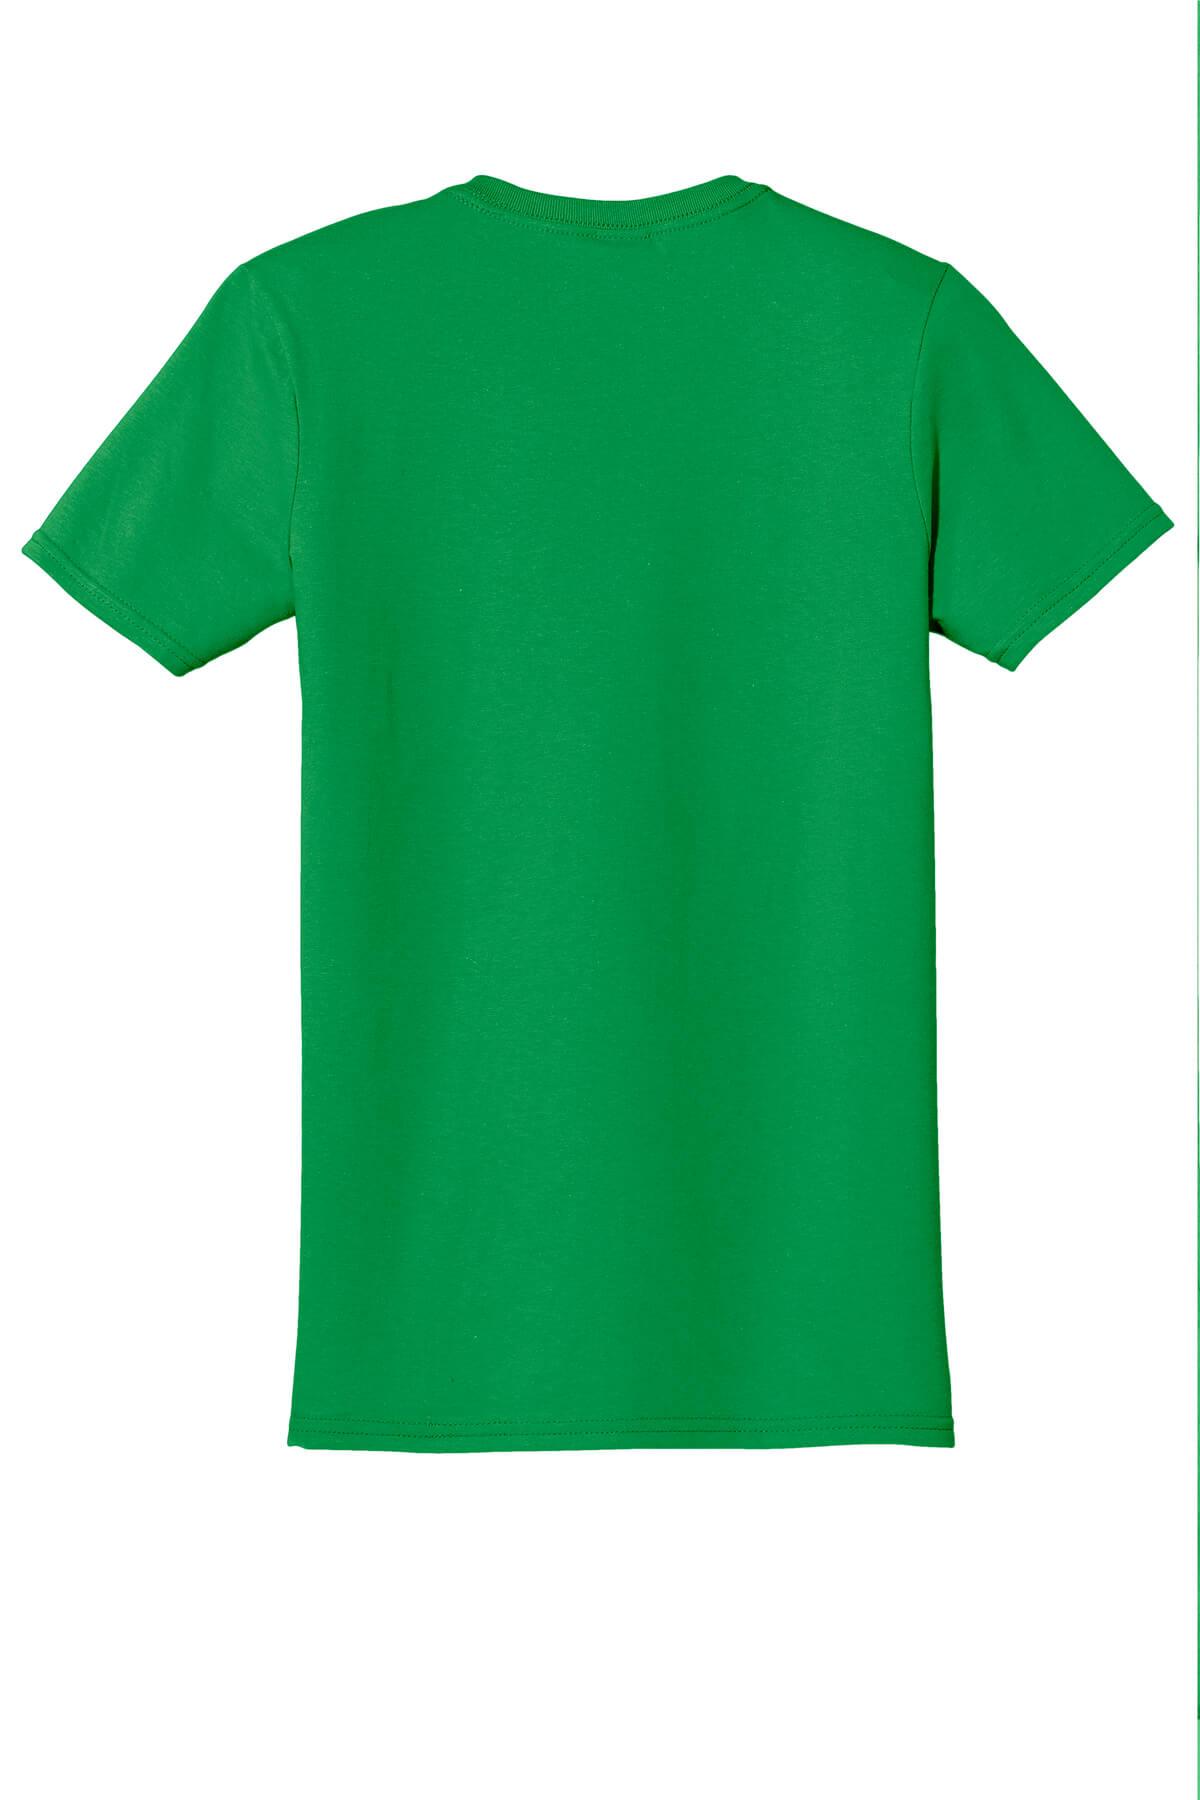 Irish Green T-Shirt Back